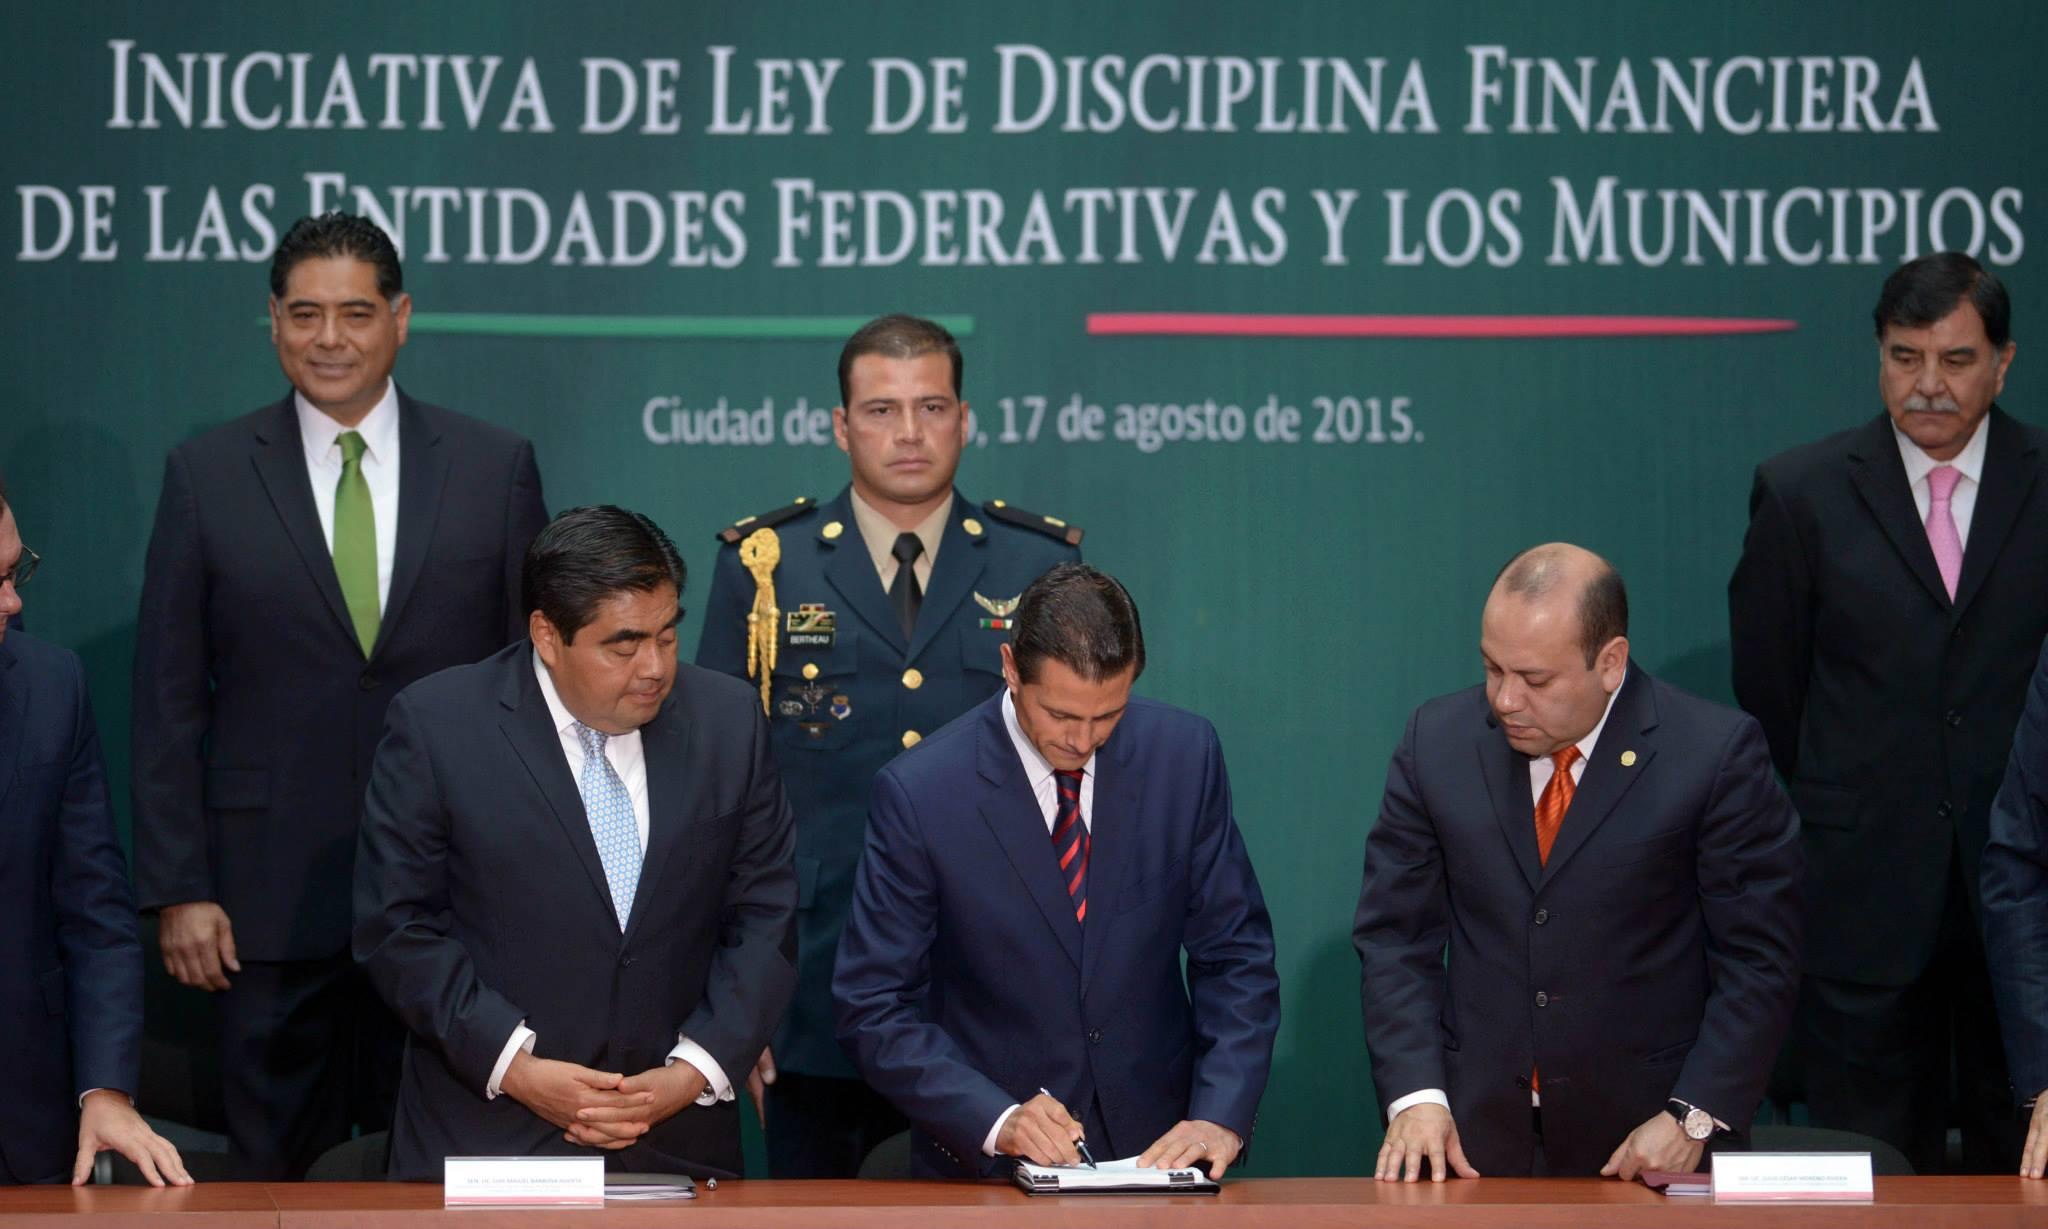 Palabras del Presidente de los Estados Unidos Mexicanos, licenciado Enrique Peña Nieto, durante la Presentación de la Iniciativa de Ley de Disciplina Financiera de las Entidades Federativas y los Municipios